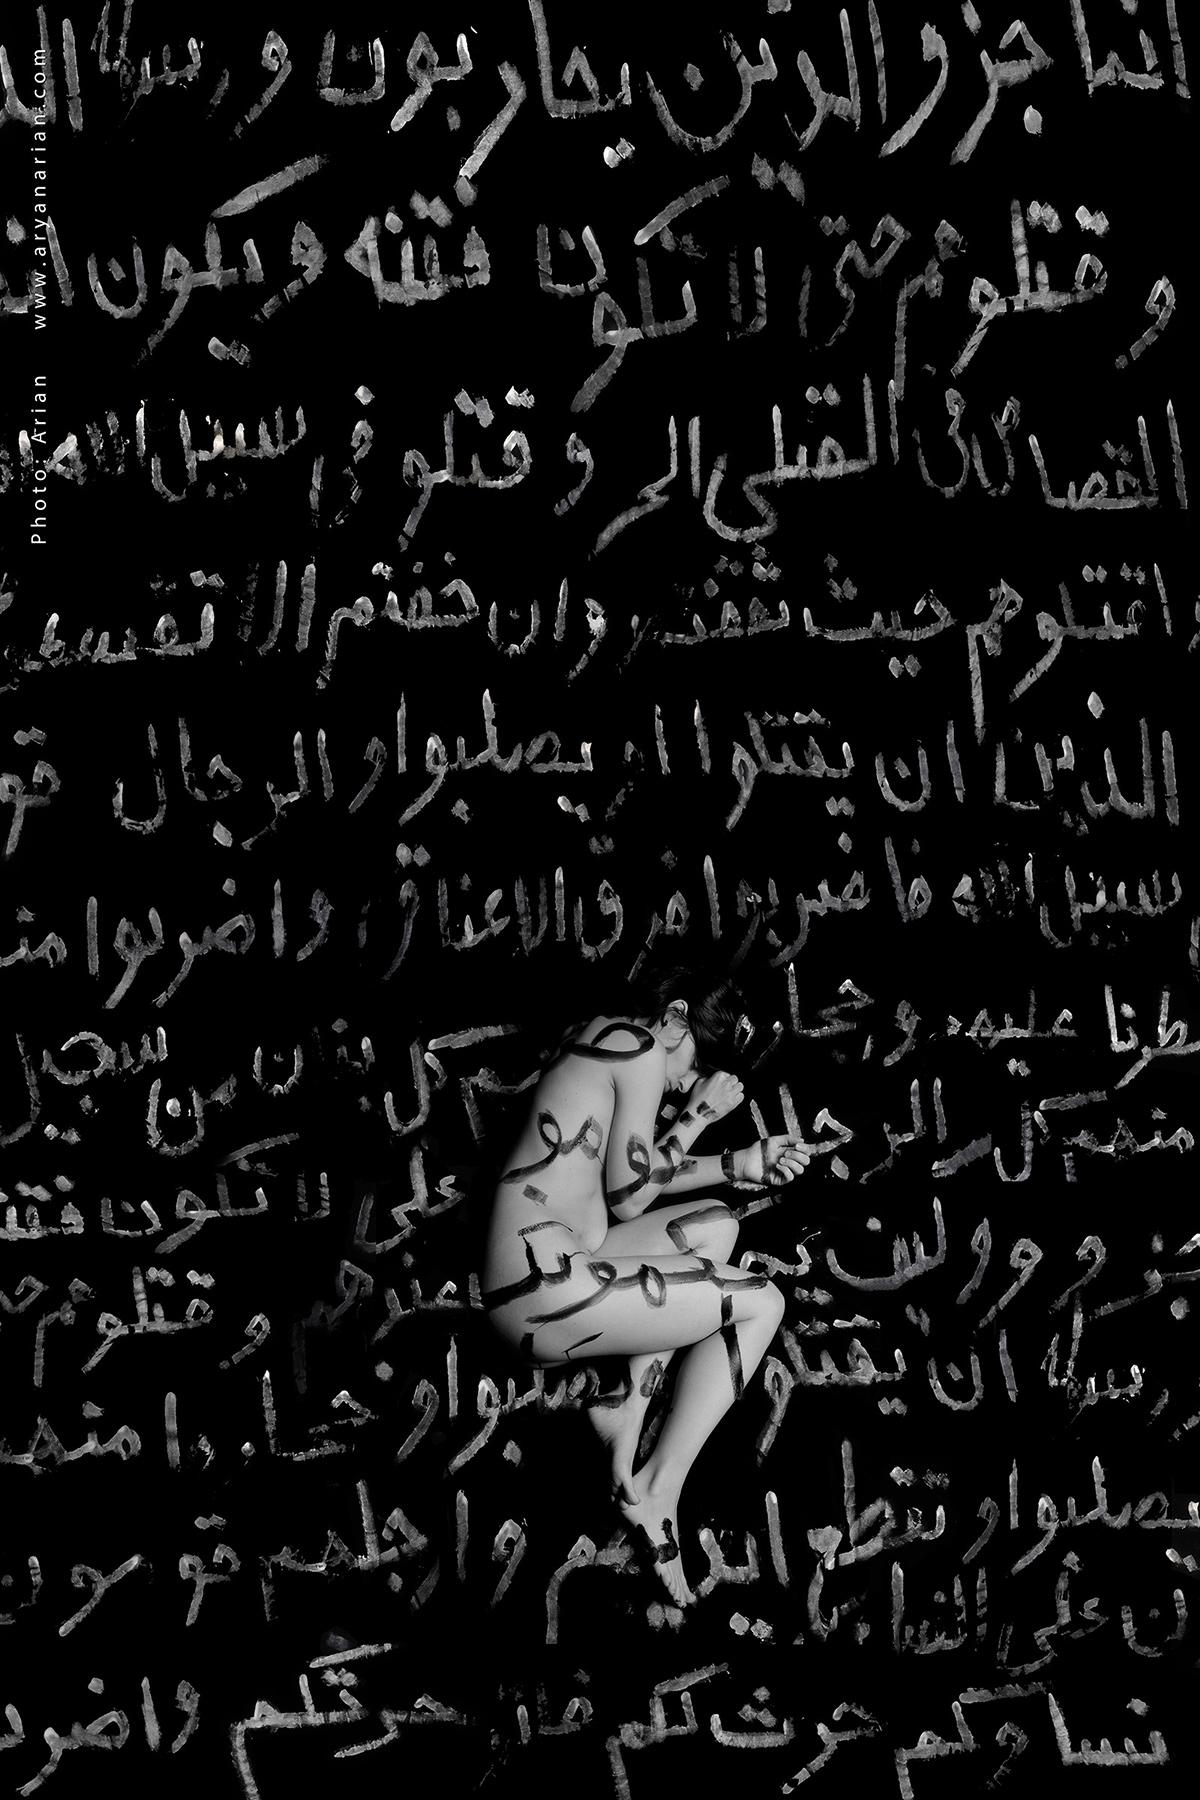 PERSIAN SECRETS, Aryan Arian